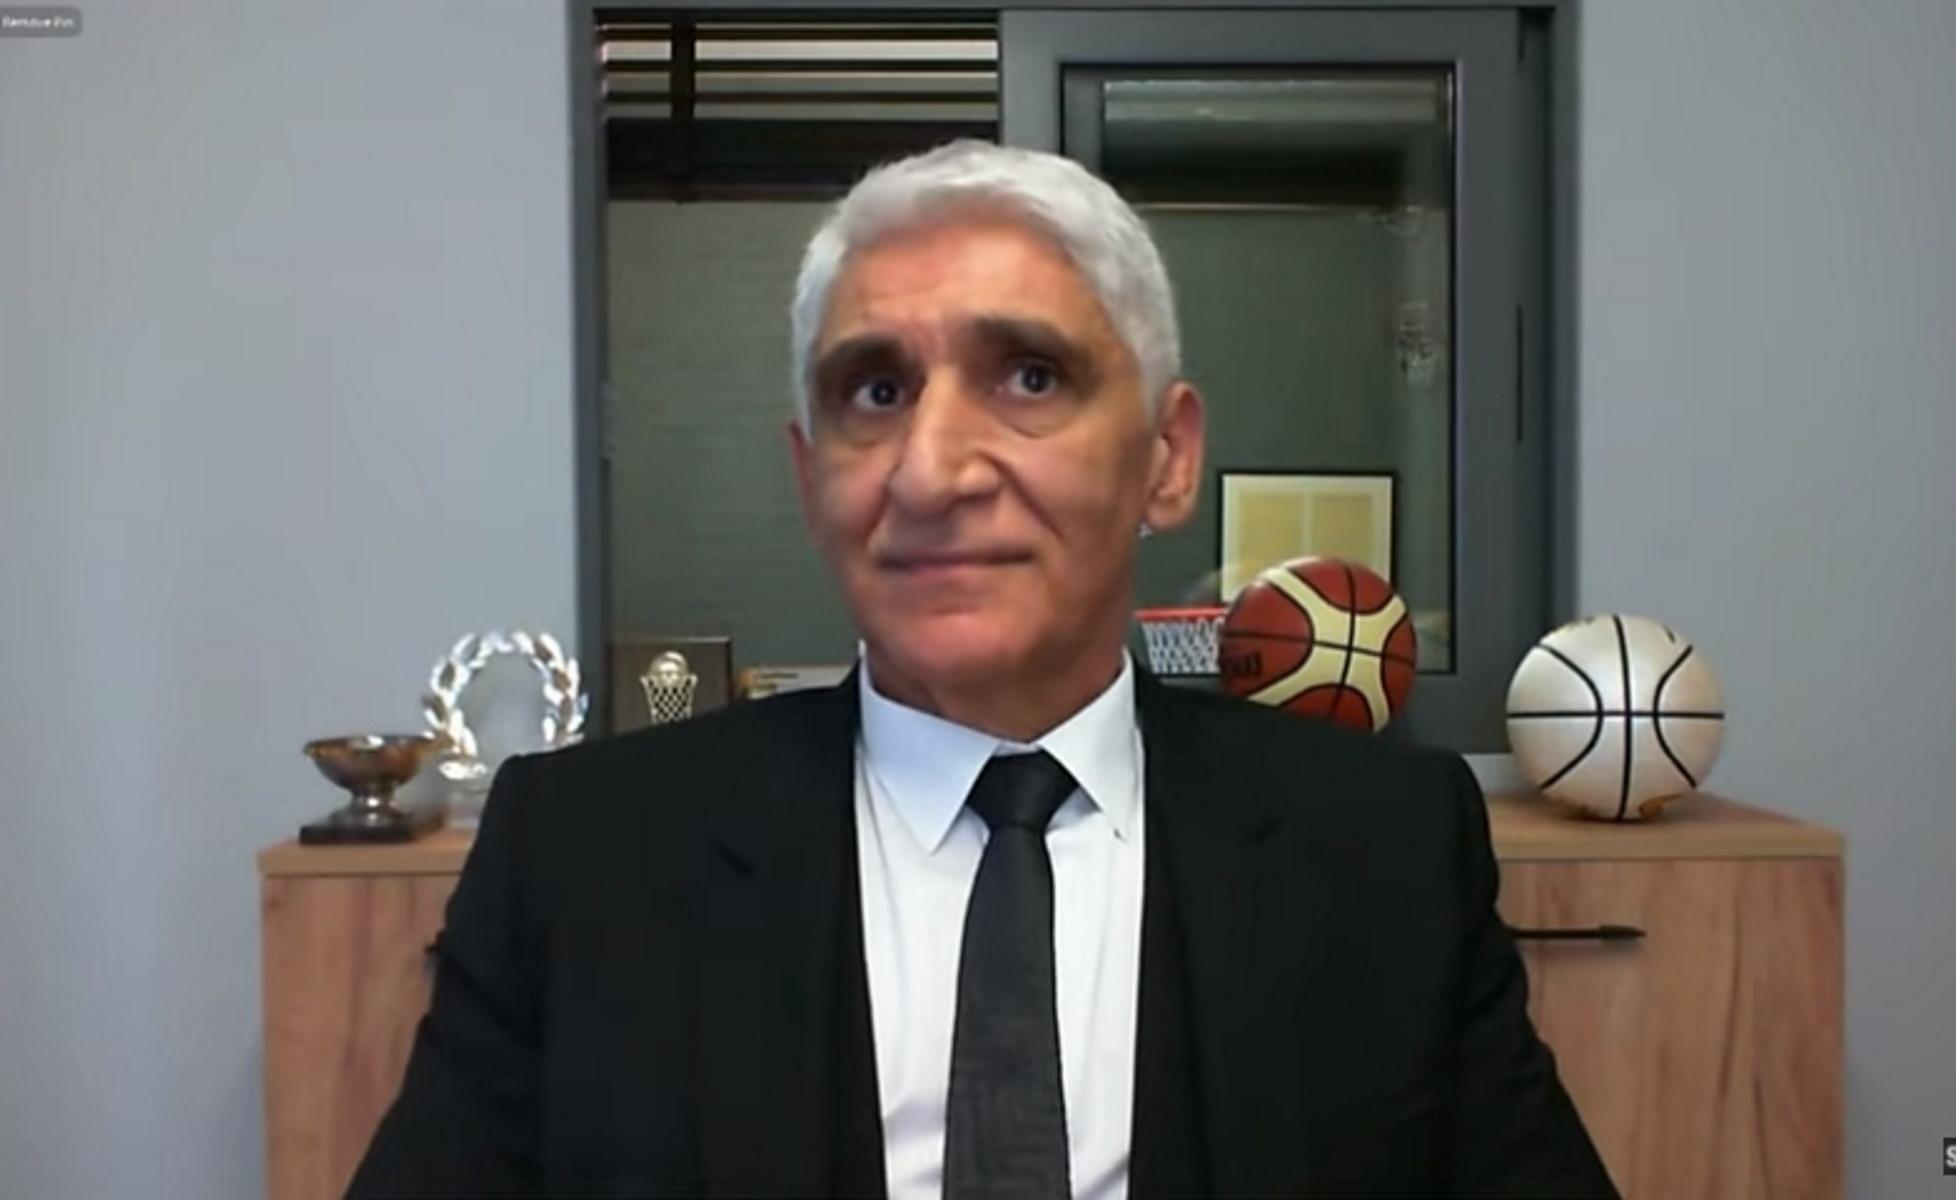 Παναγιώτης Γιαννάκης: Ο συγκινητικός λόγος για την είσοδο στο Hall of Fame